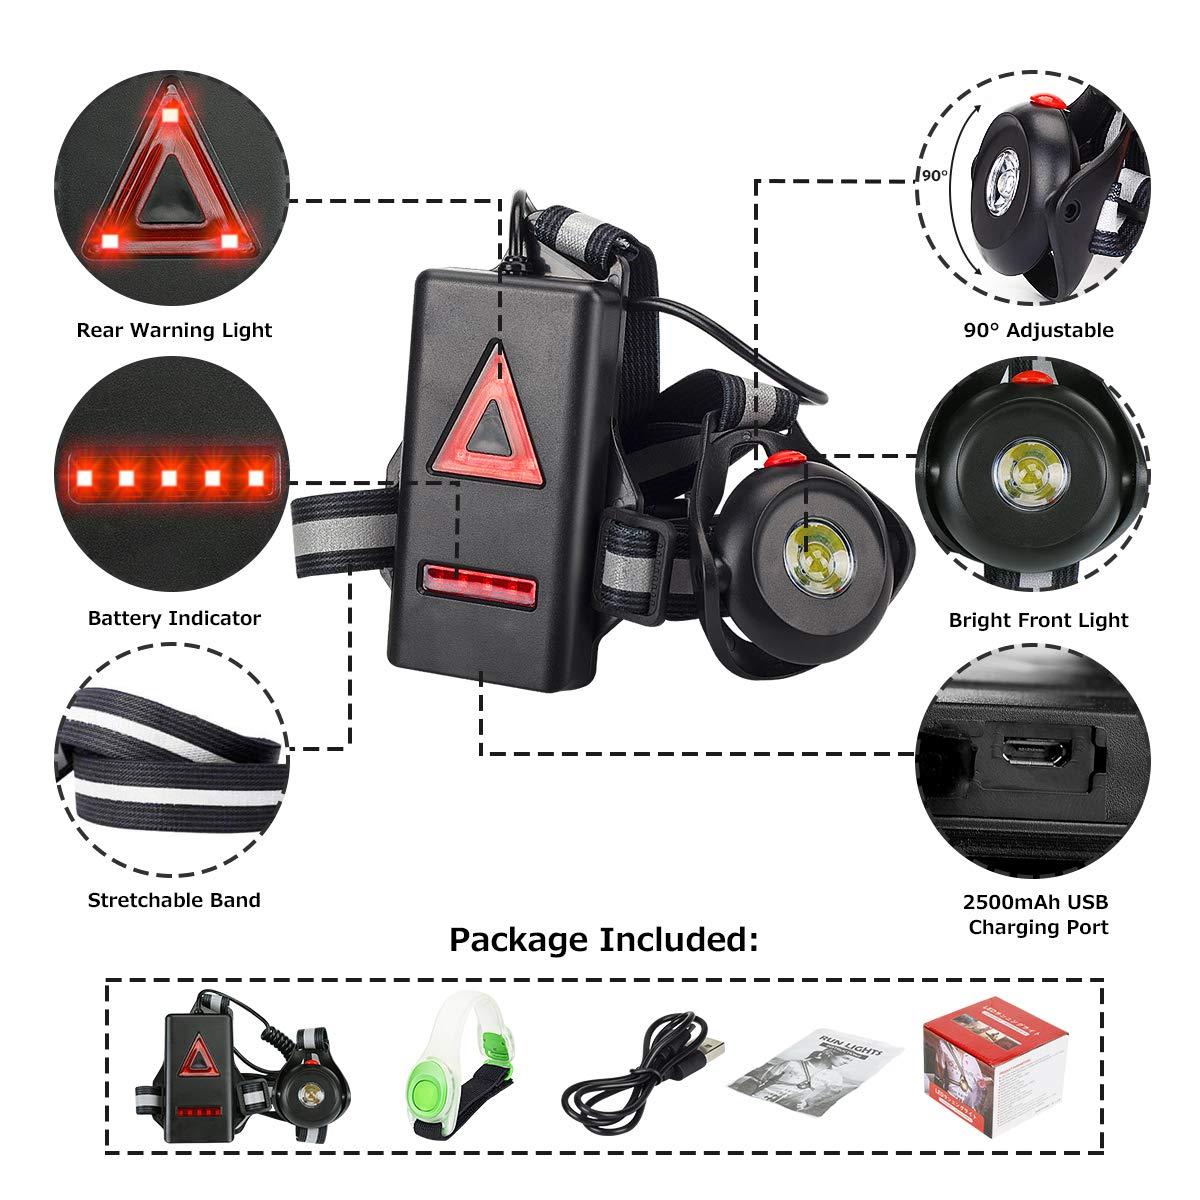 500 lumens Anecity Lampe de Course Angle de Faisceau r/églable /à 90/° Enfants R/étro/éclairage /étanche Sangle r/églable pour Coureurs Lampe Torche LED Rechargeable par USB